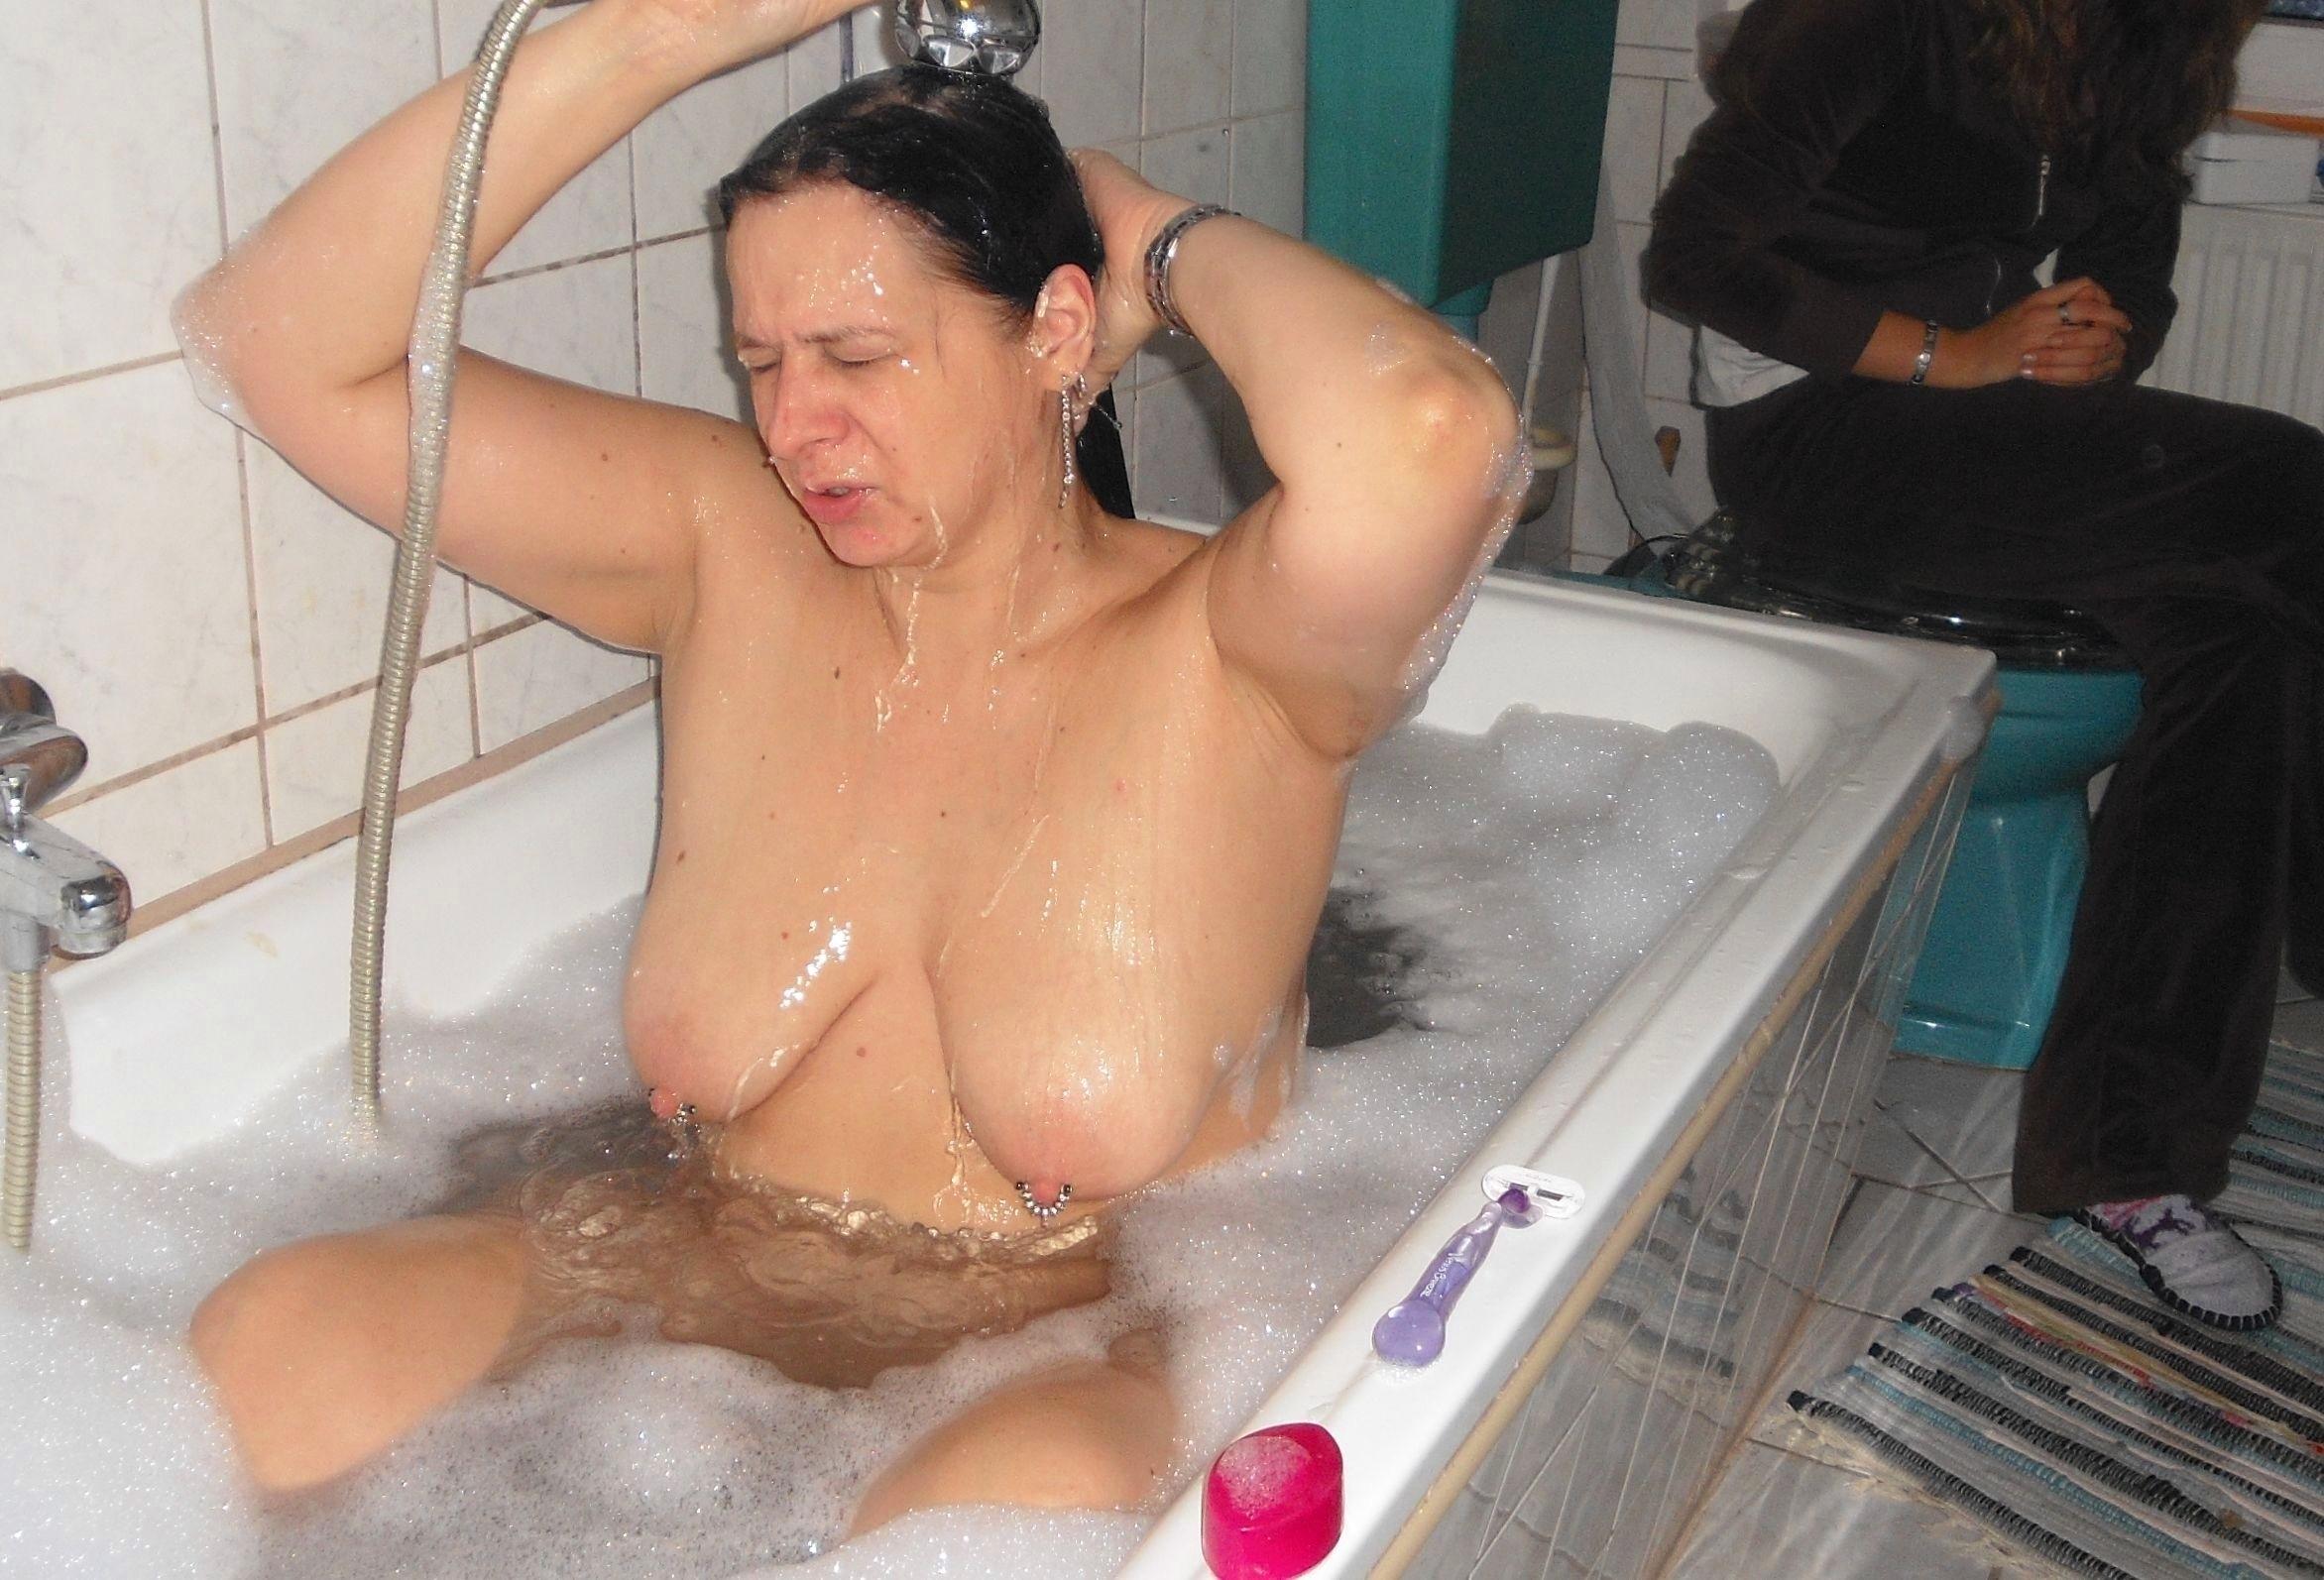 Развратная мамочка фото, Русские мамки 60 порно фото смотрите бесплатно на 2 фотография